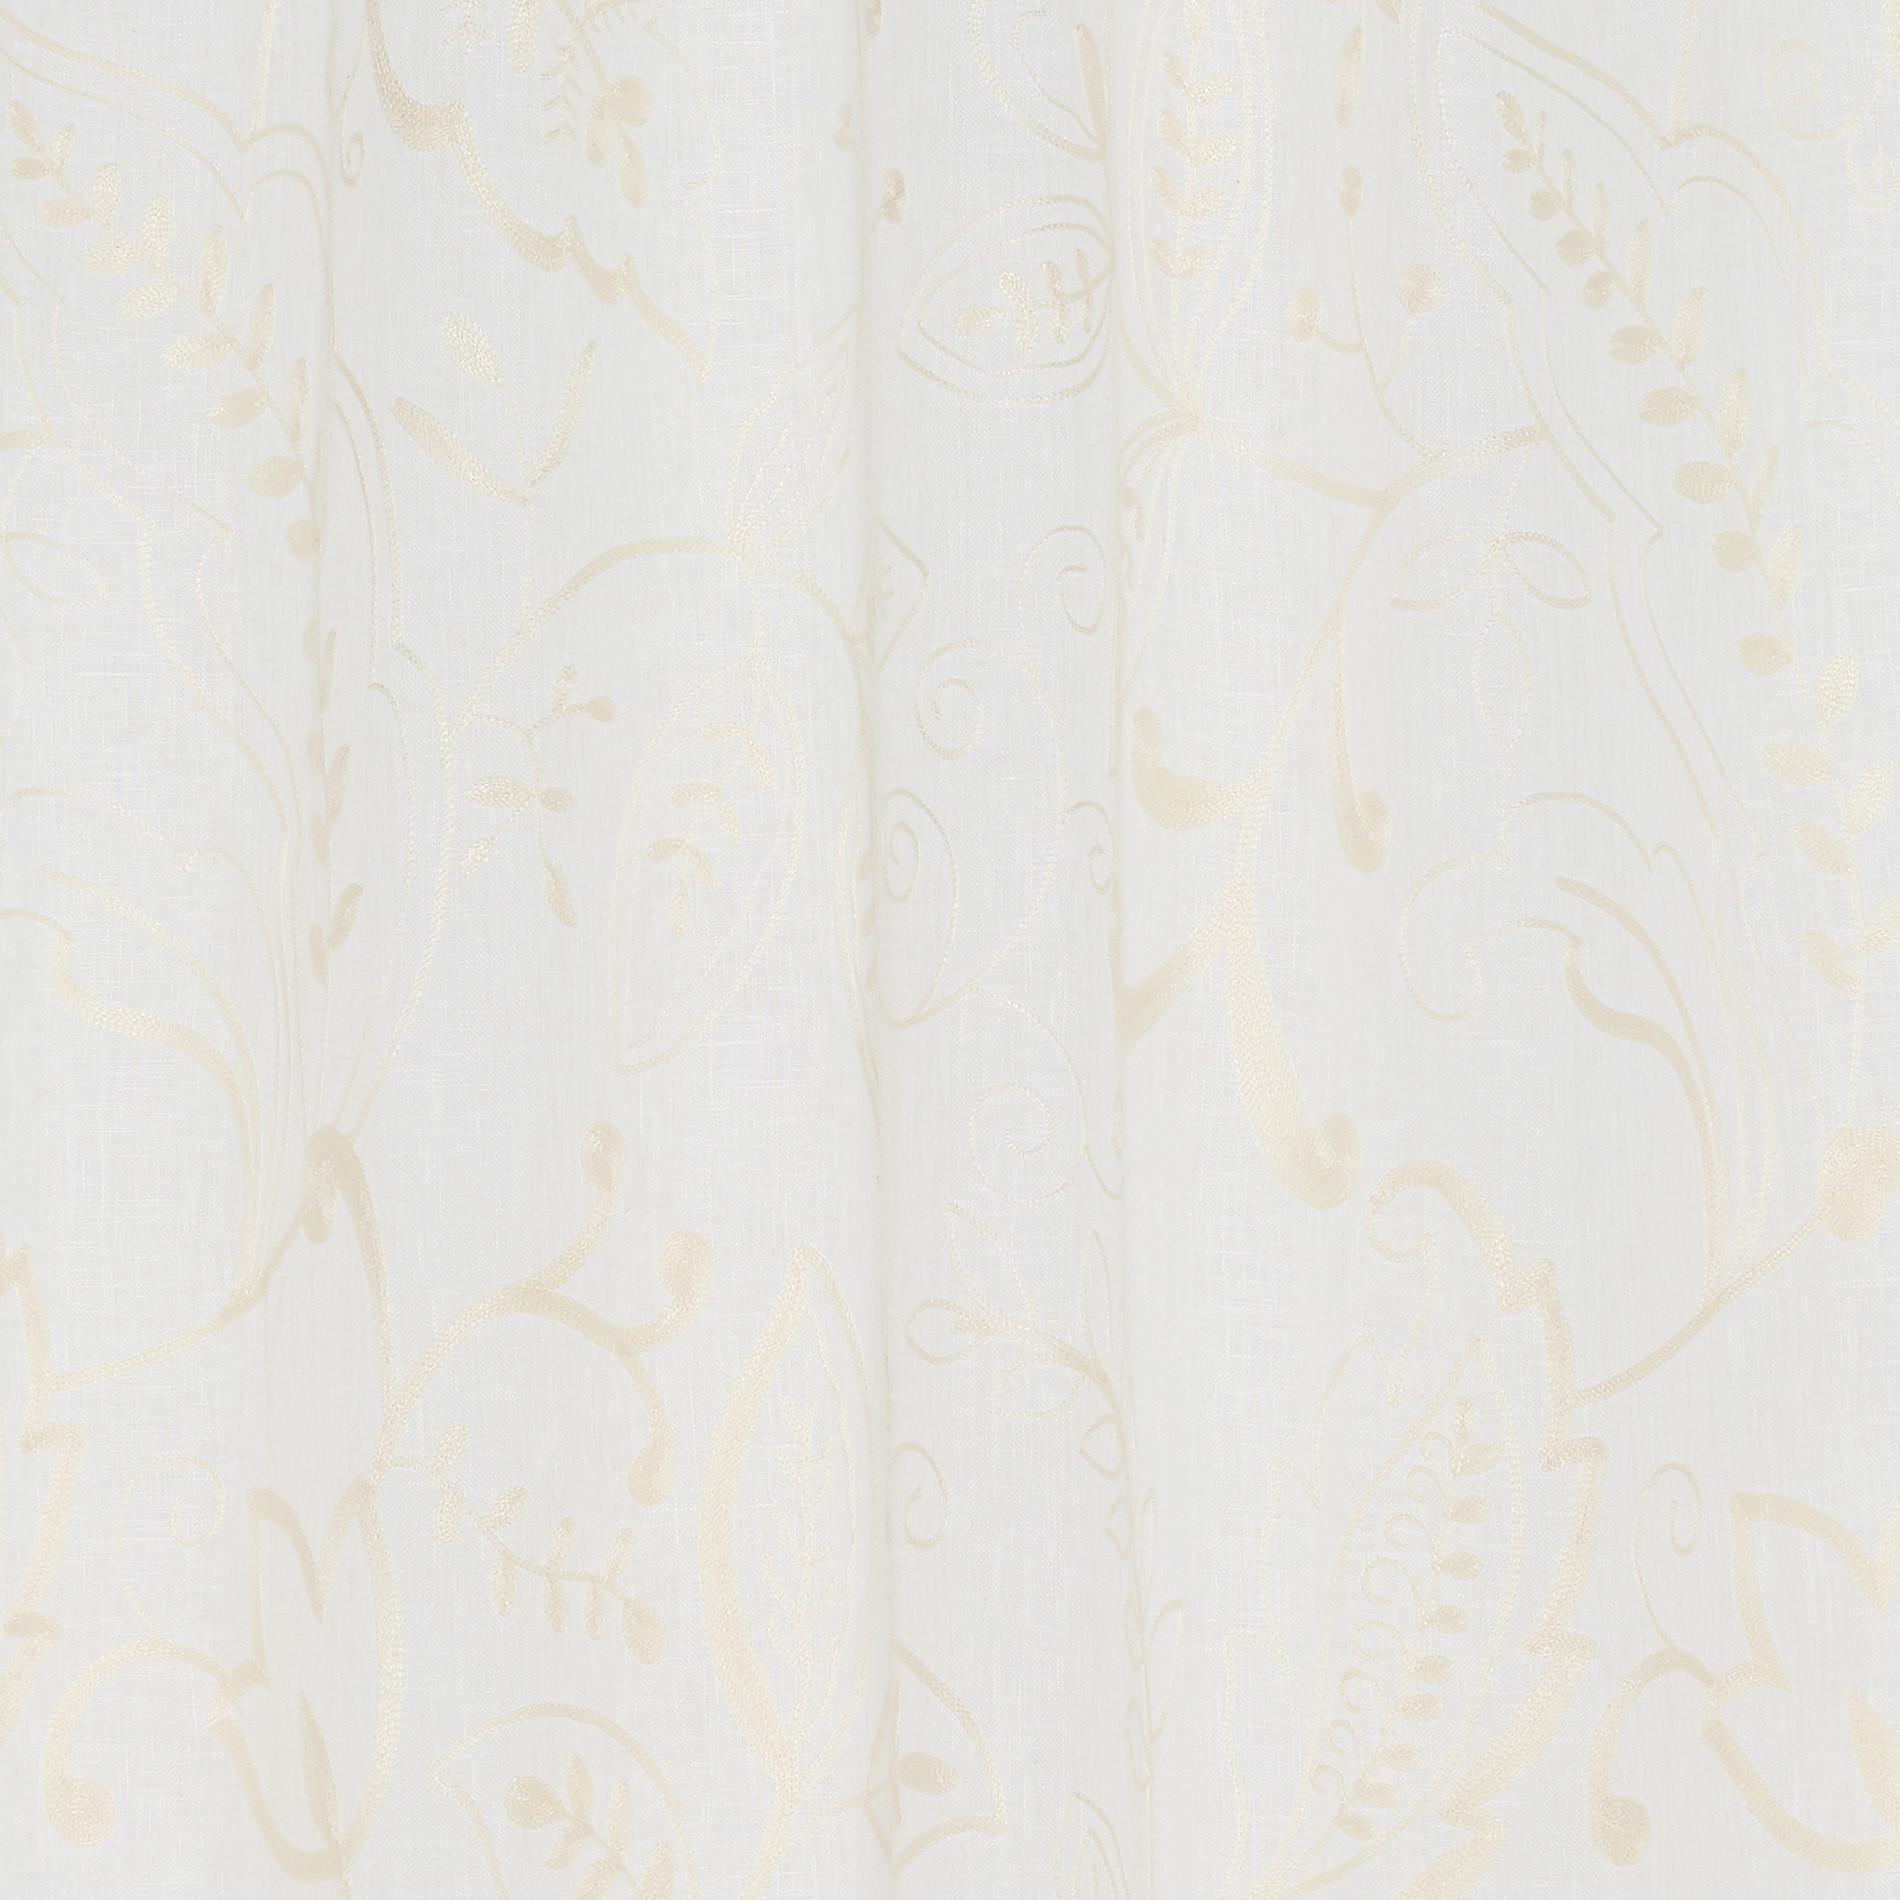 Tenda puro lino ricami floreali, Bianco, large image number 0